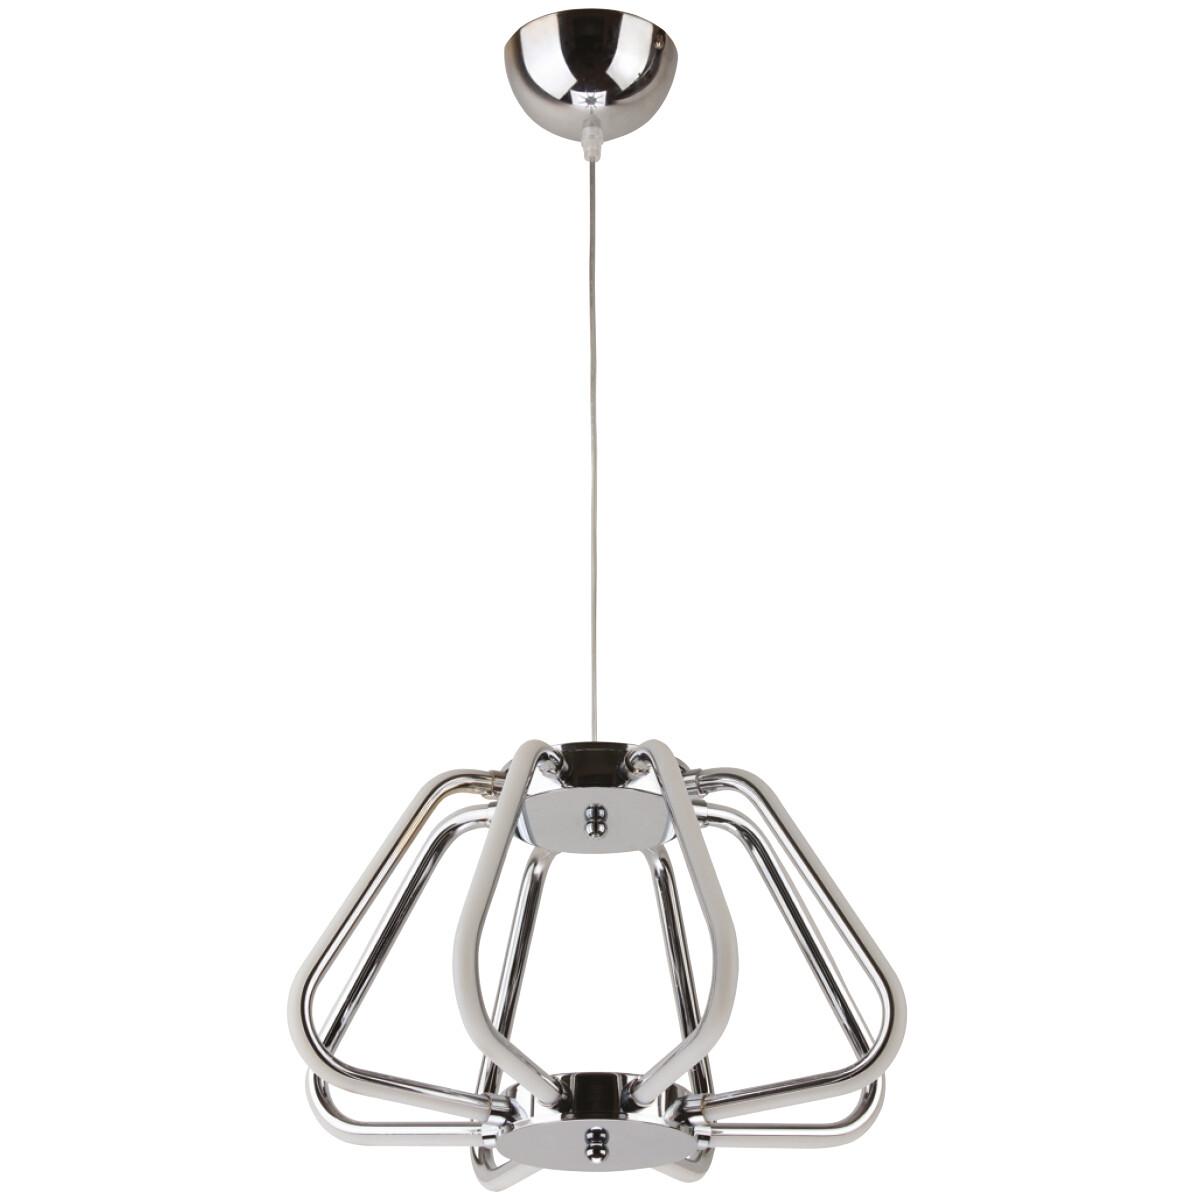 LED Hanglamp - Phoena - Industrieel - 38W - Natuurlijk Wit 4000K - Ovaal - Glans Chroom Aluminium